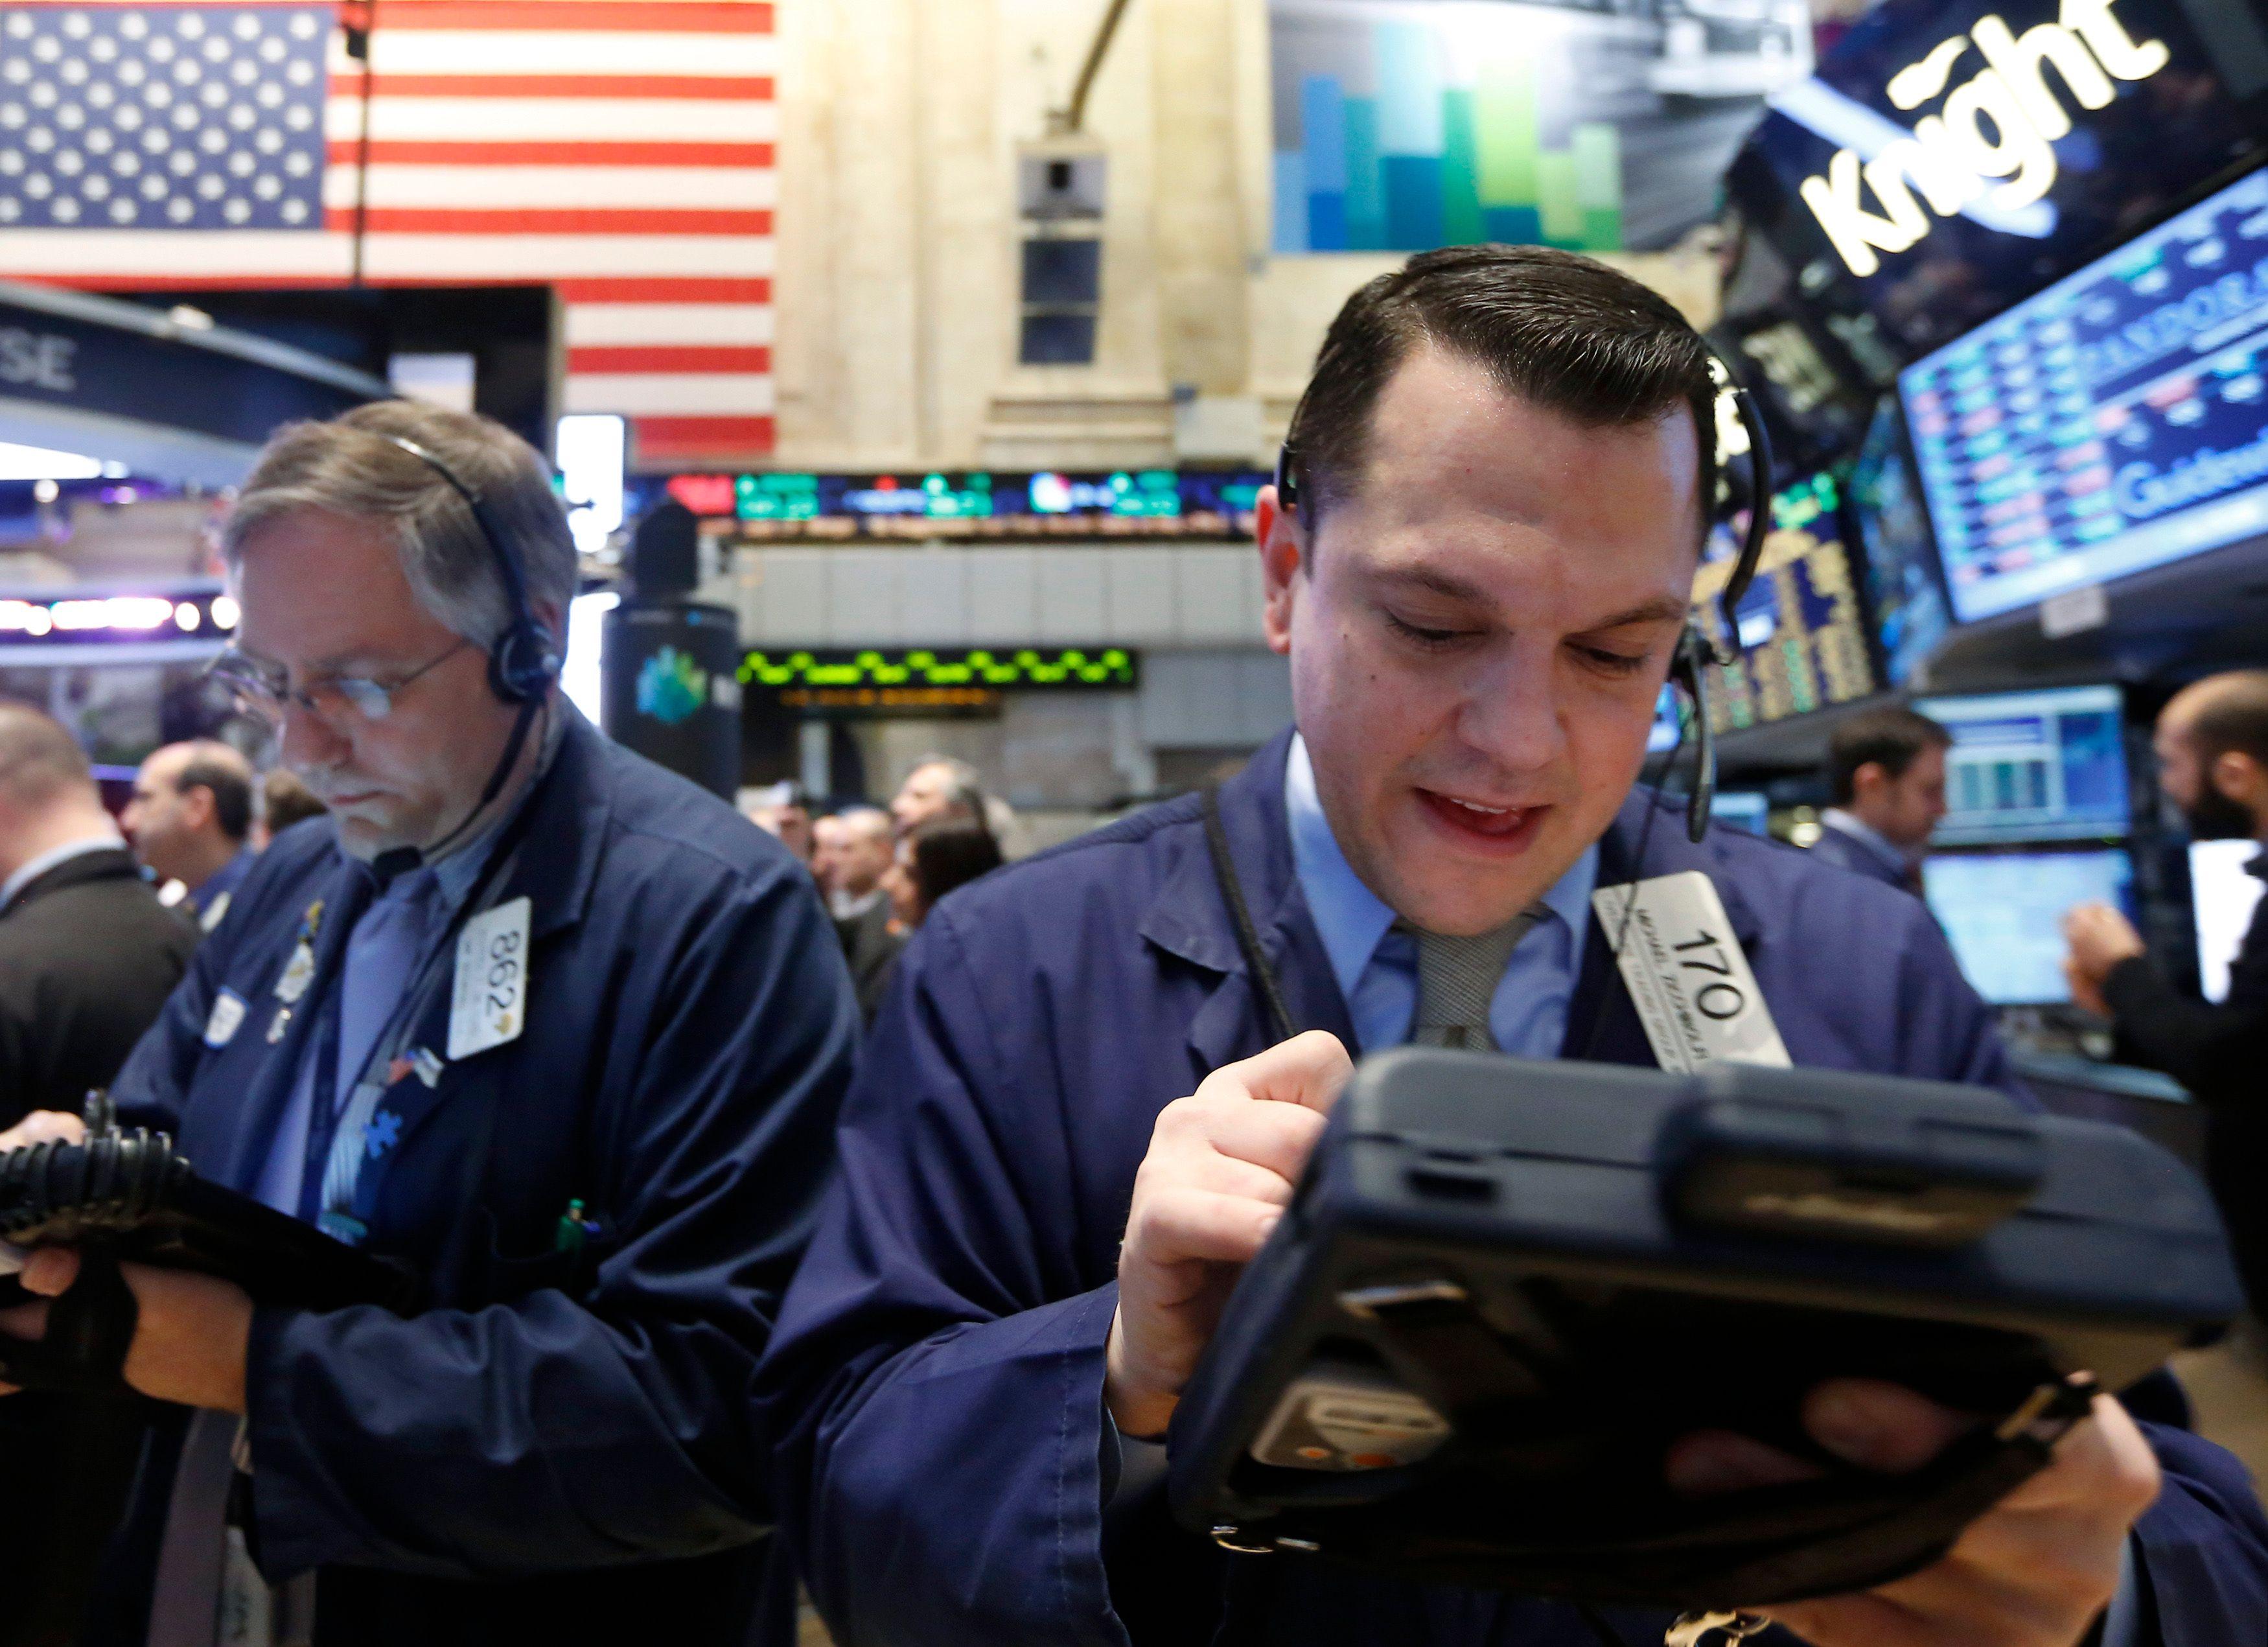 Les records à Wall Street reflètent-ils vraiment l'état de l'économie américaine ?